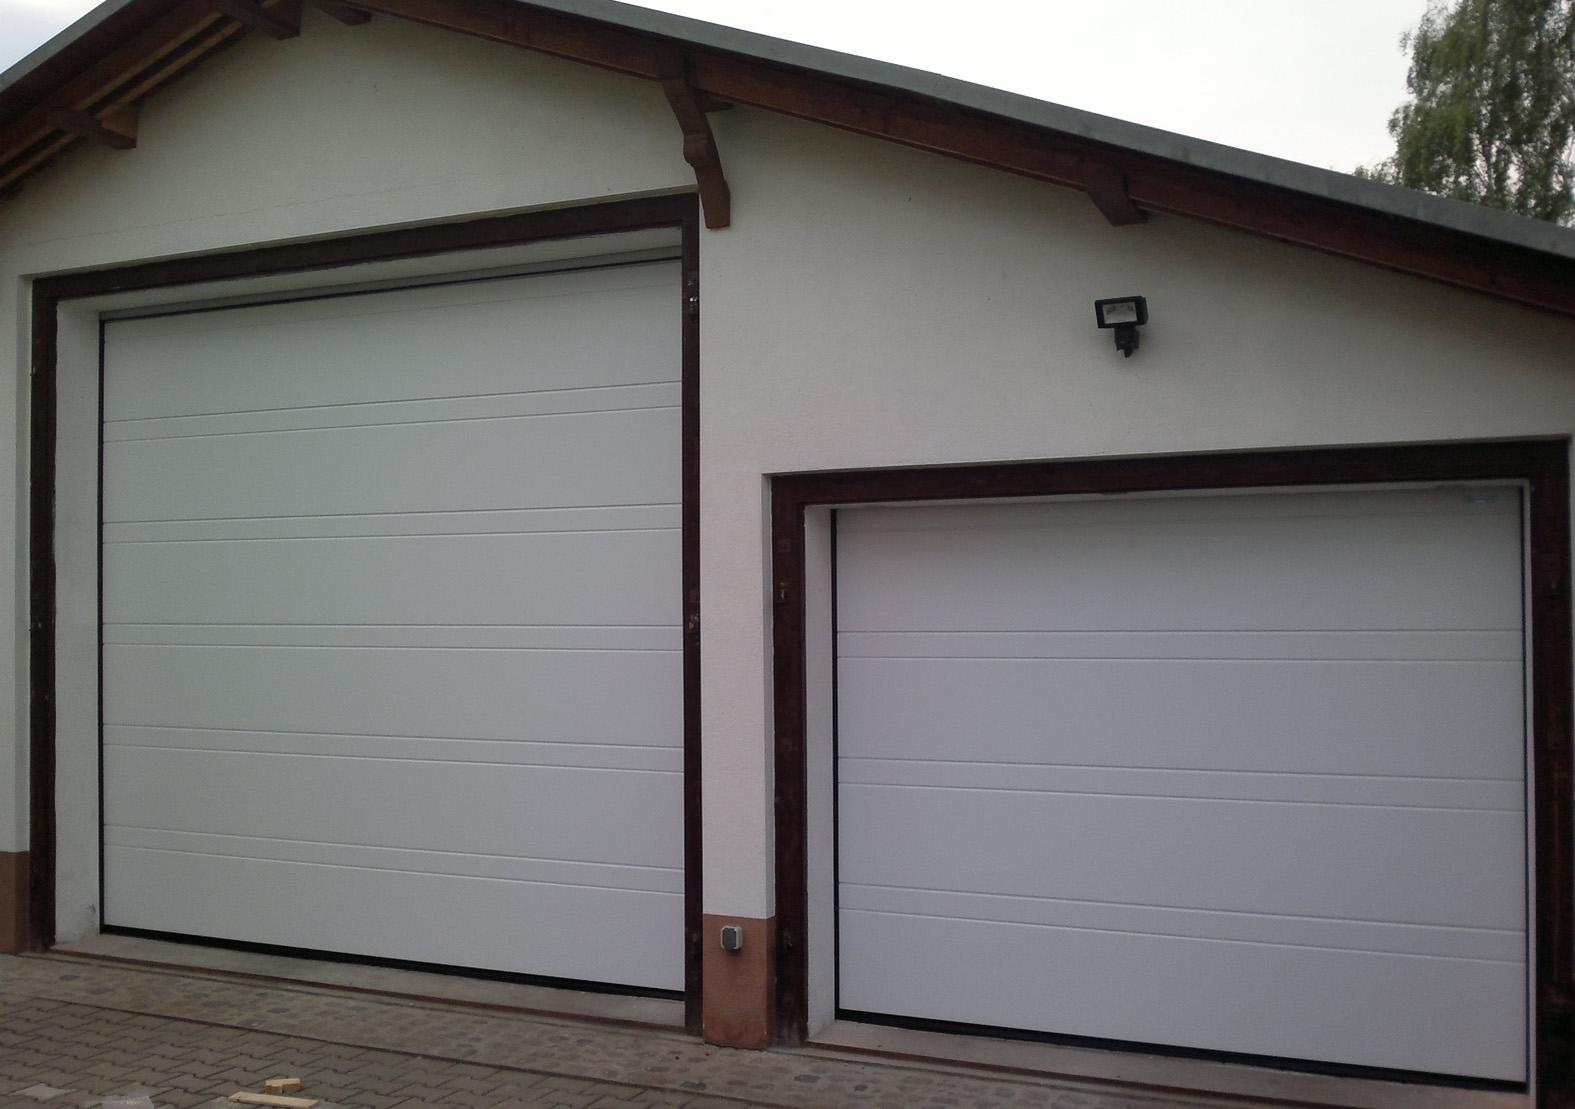 Hersteller Garagentore 2 garagentore als deckensektionaltore für wohnmobil und pkw tor1a